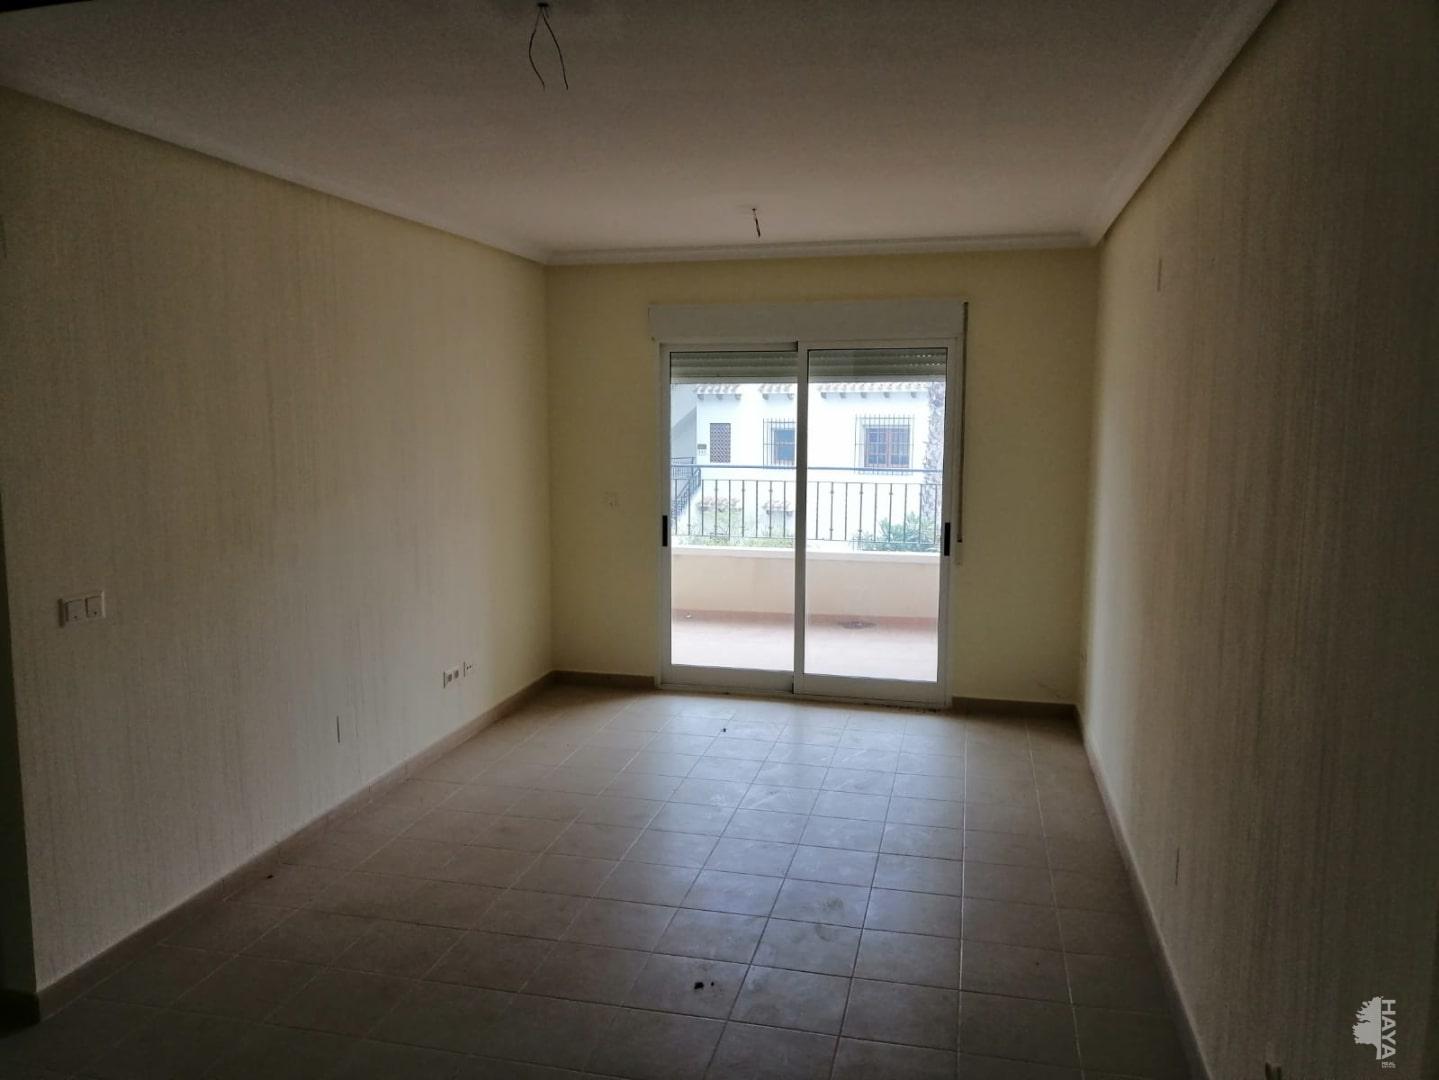 Piso en venta en Piso en Orihuela, Alicante, 103.000 €, 1 habitación, 1 baño, 65 m2